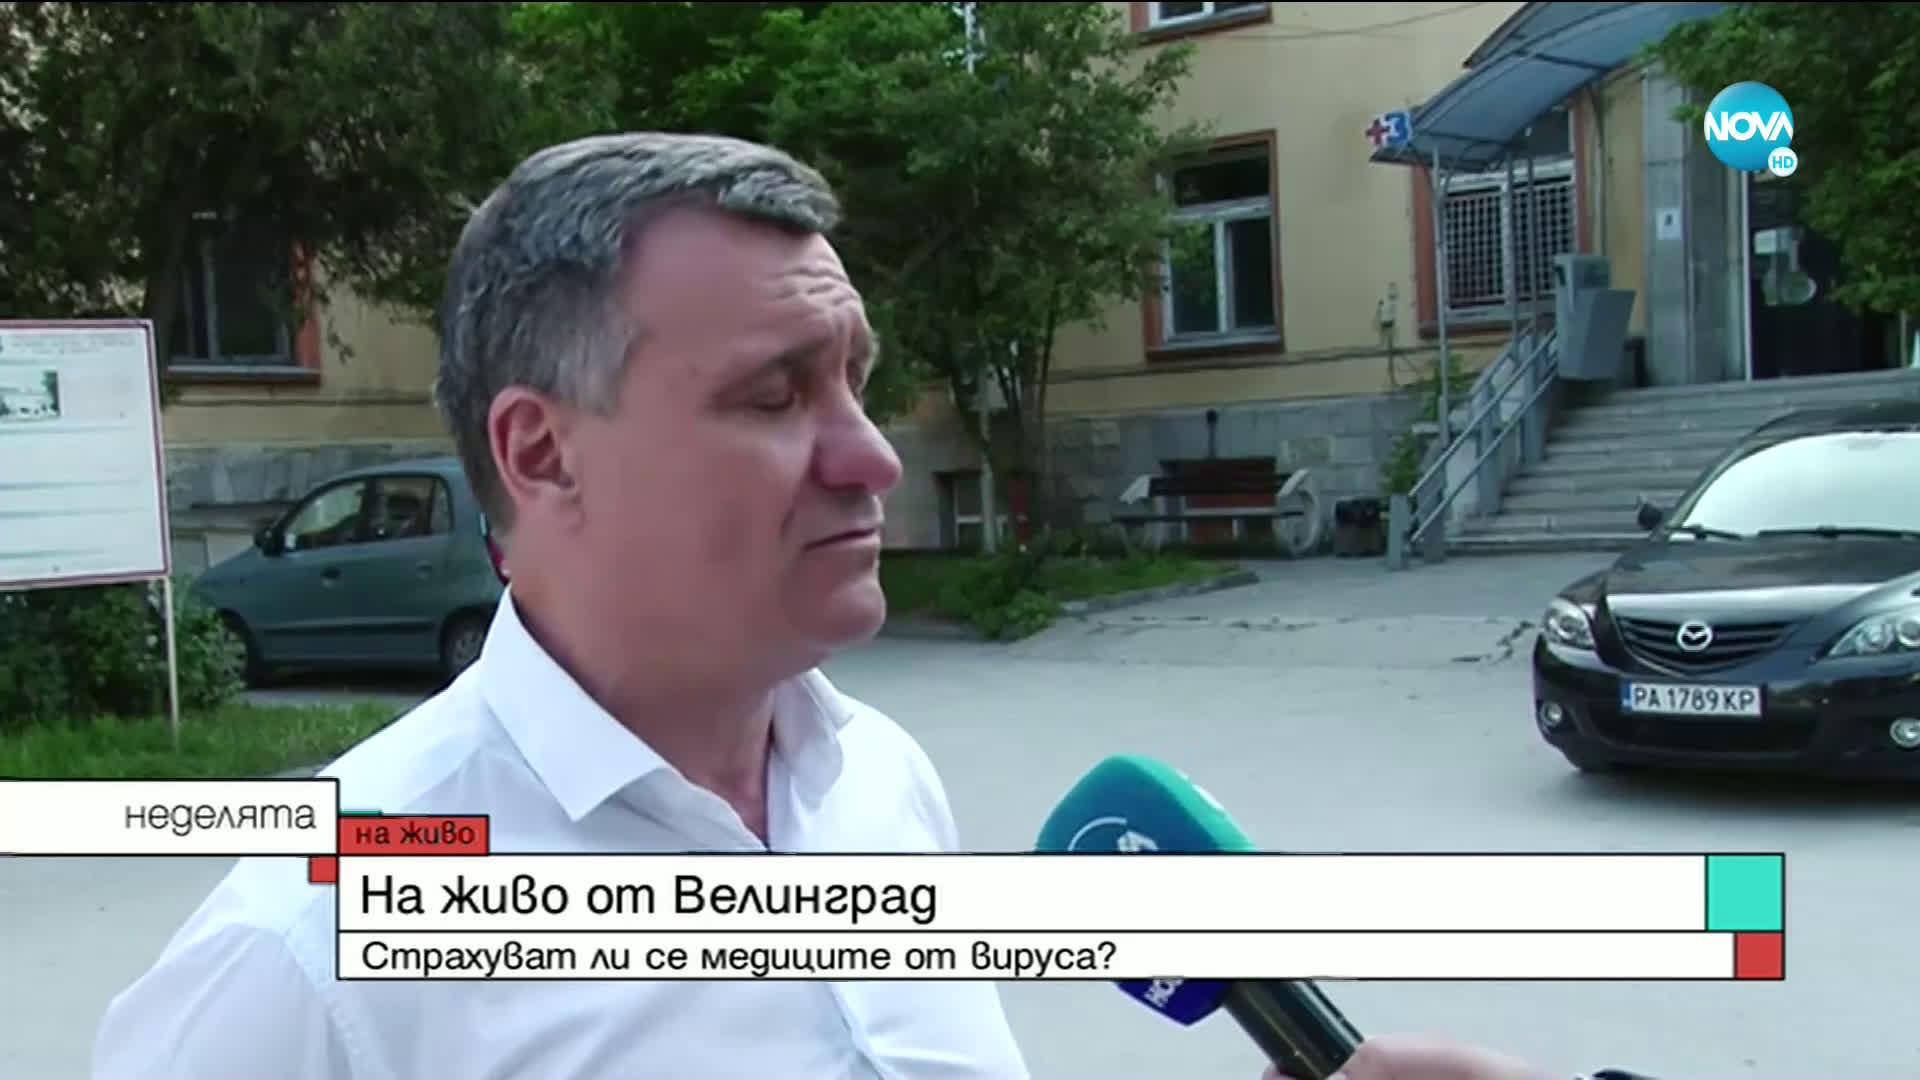 Страхуват ли се медиците във Велинград от коронавируса?